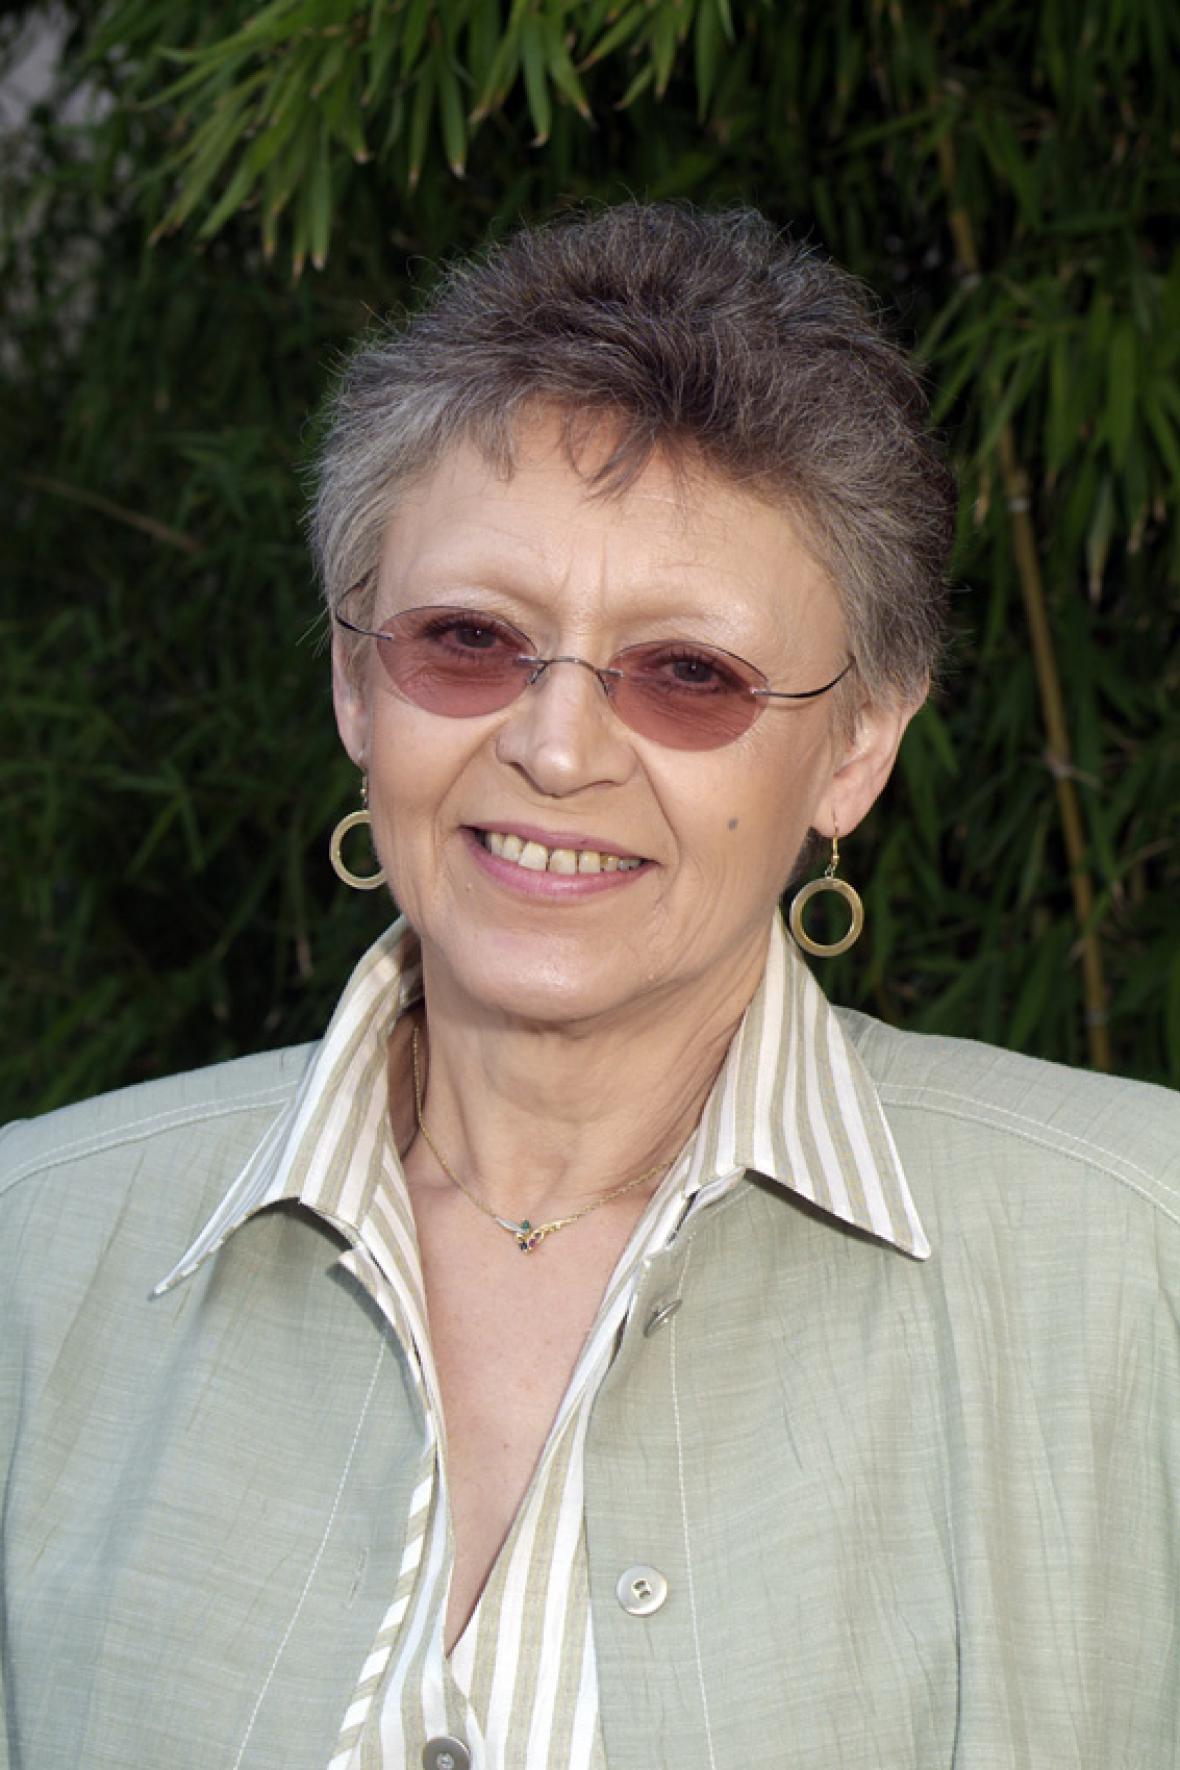 Françoise Barréová-Sinoussiová